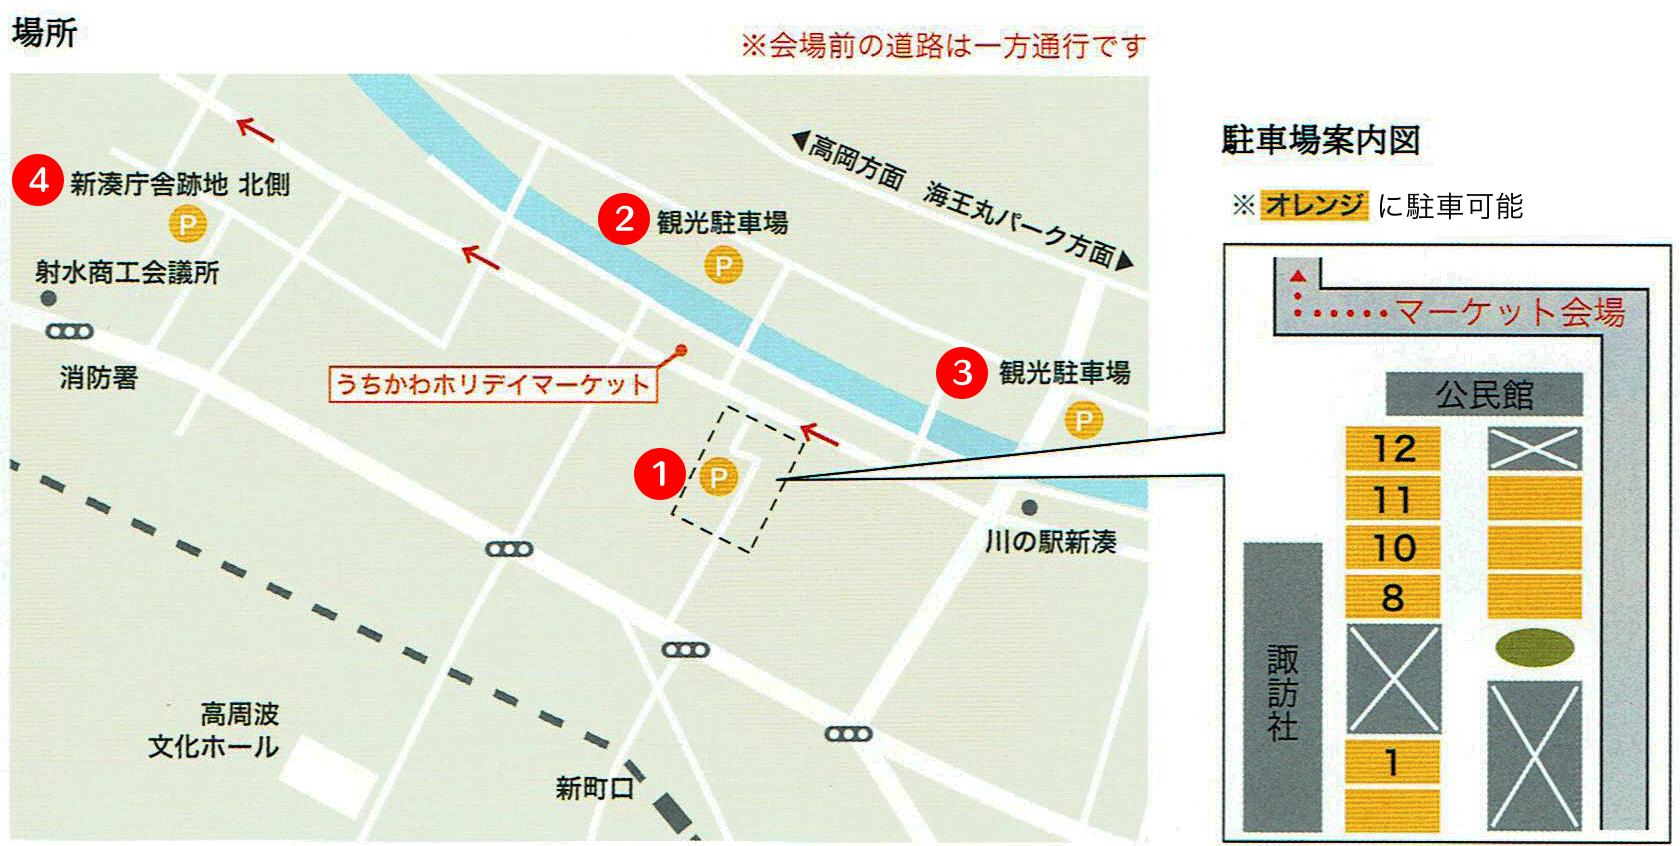 うちかわホリデイマーケットの駐車場マップ